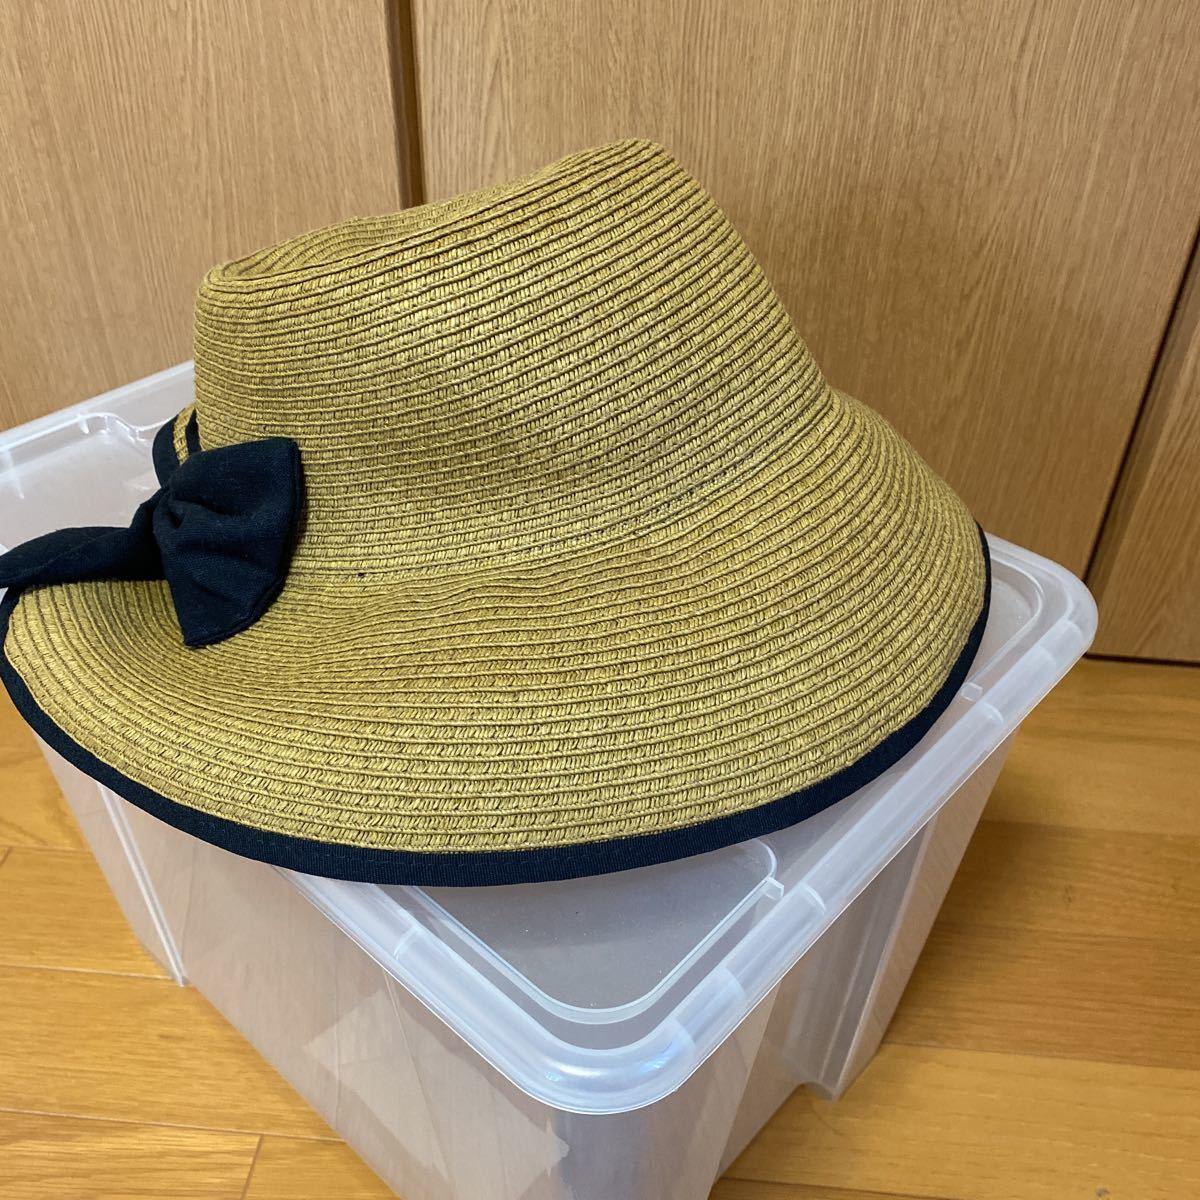 新品・未使用★レイビームス Ray Beams 帽子 リボン付き麦わら帽子★サイズ57.5㎝_画像3